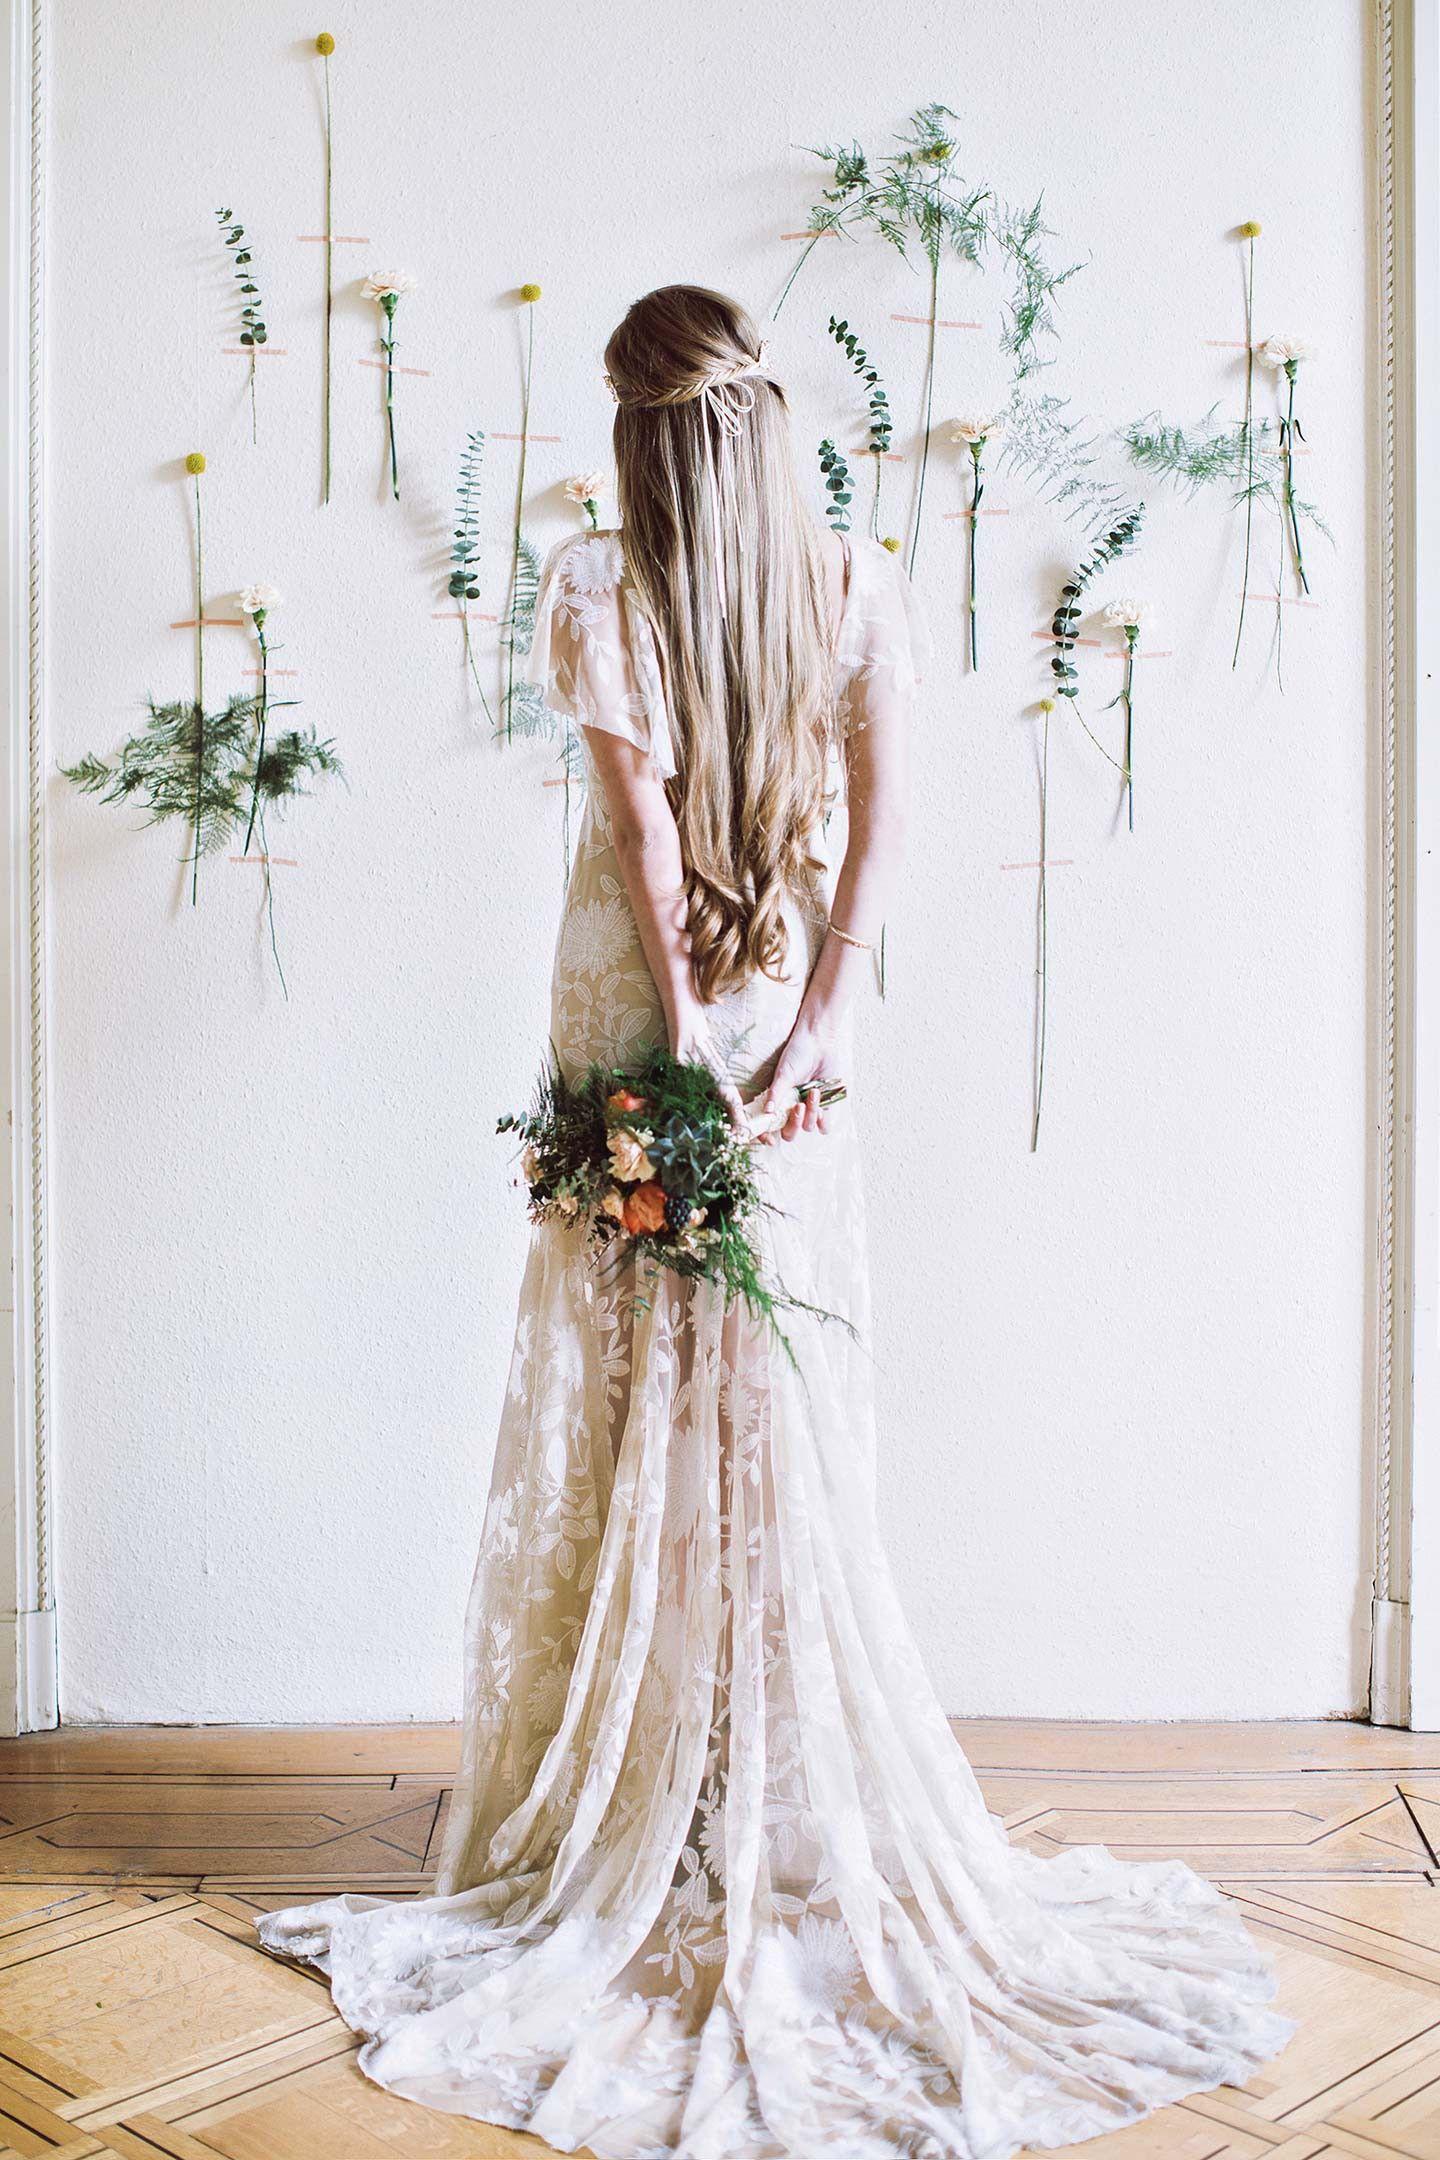 Glamourose Boho Braut In Kupfer Grun Sabrina Schindzielorz Http Www Hochzeitswahn De Inspirationsideen Glamouroese Boho Braut Boho Chic Brautkleid Hochzeit